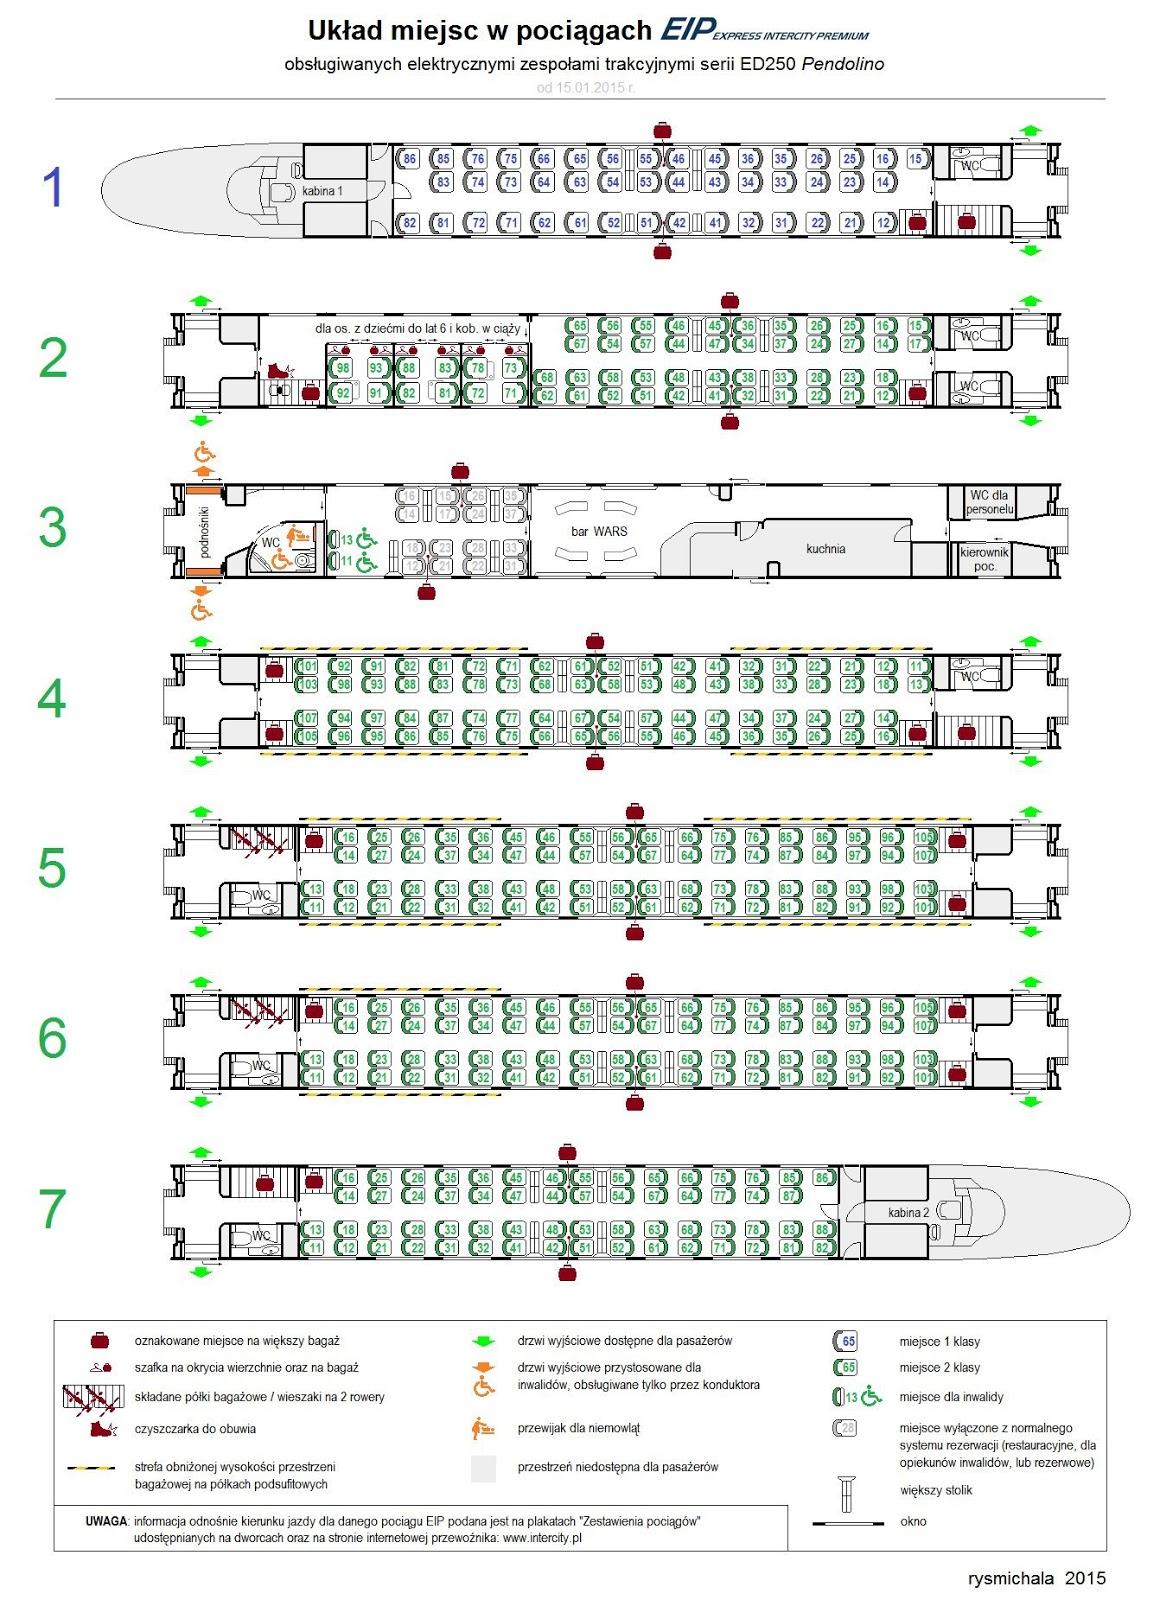 układ miejsc w pociągach Pendolino ED250 - schemat